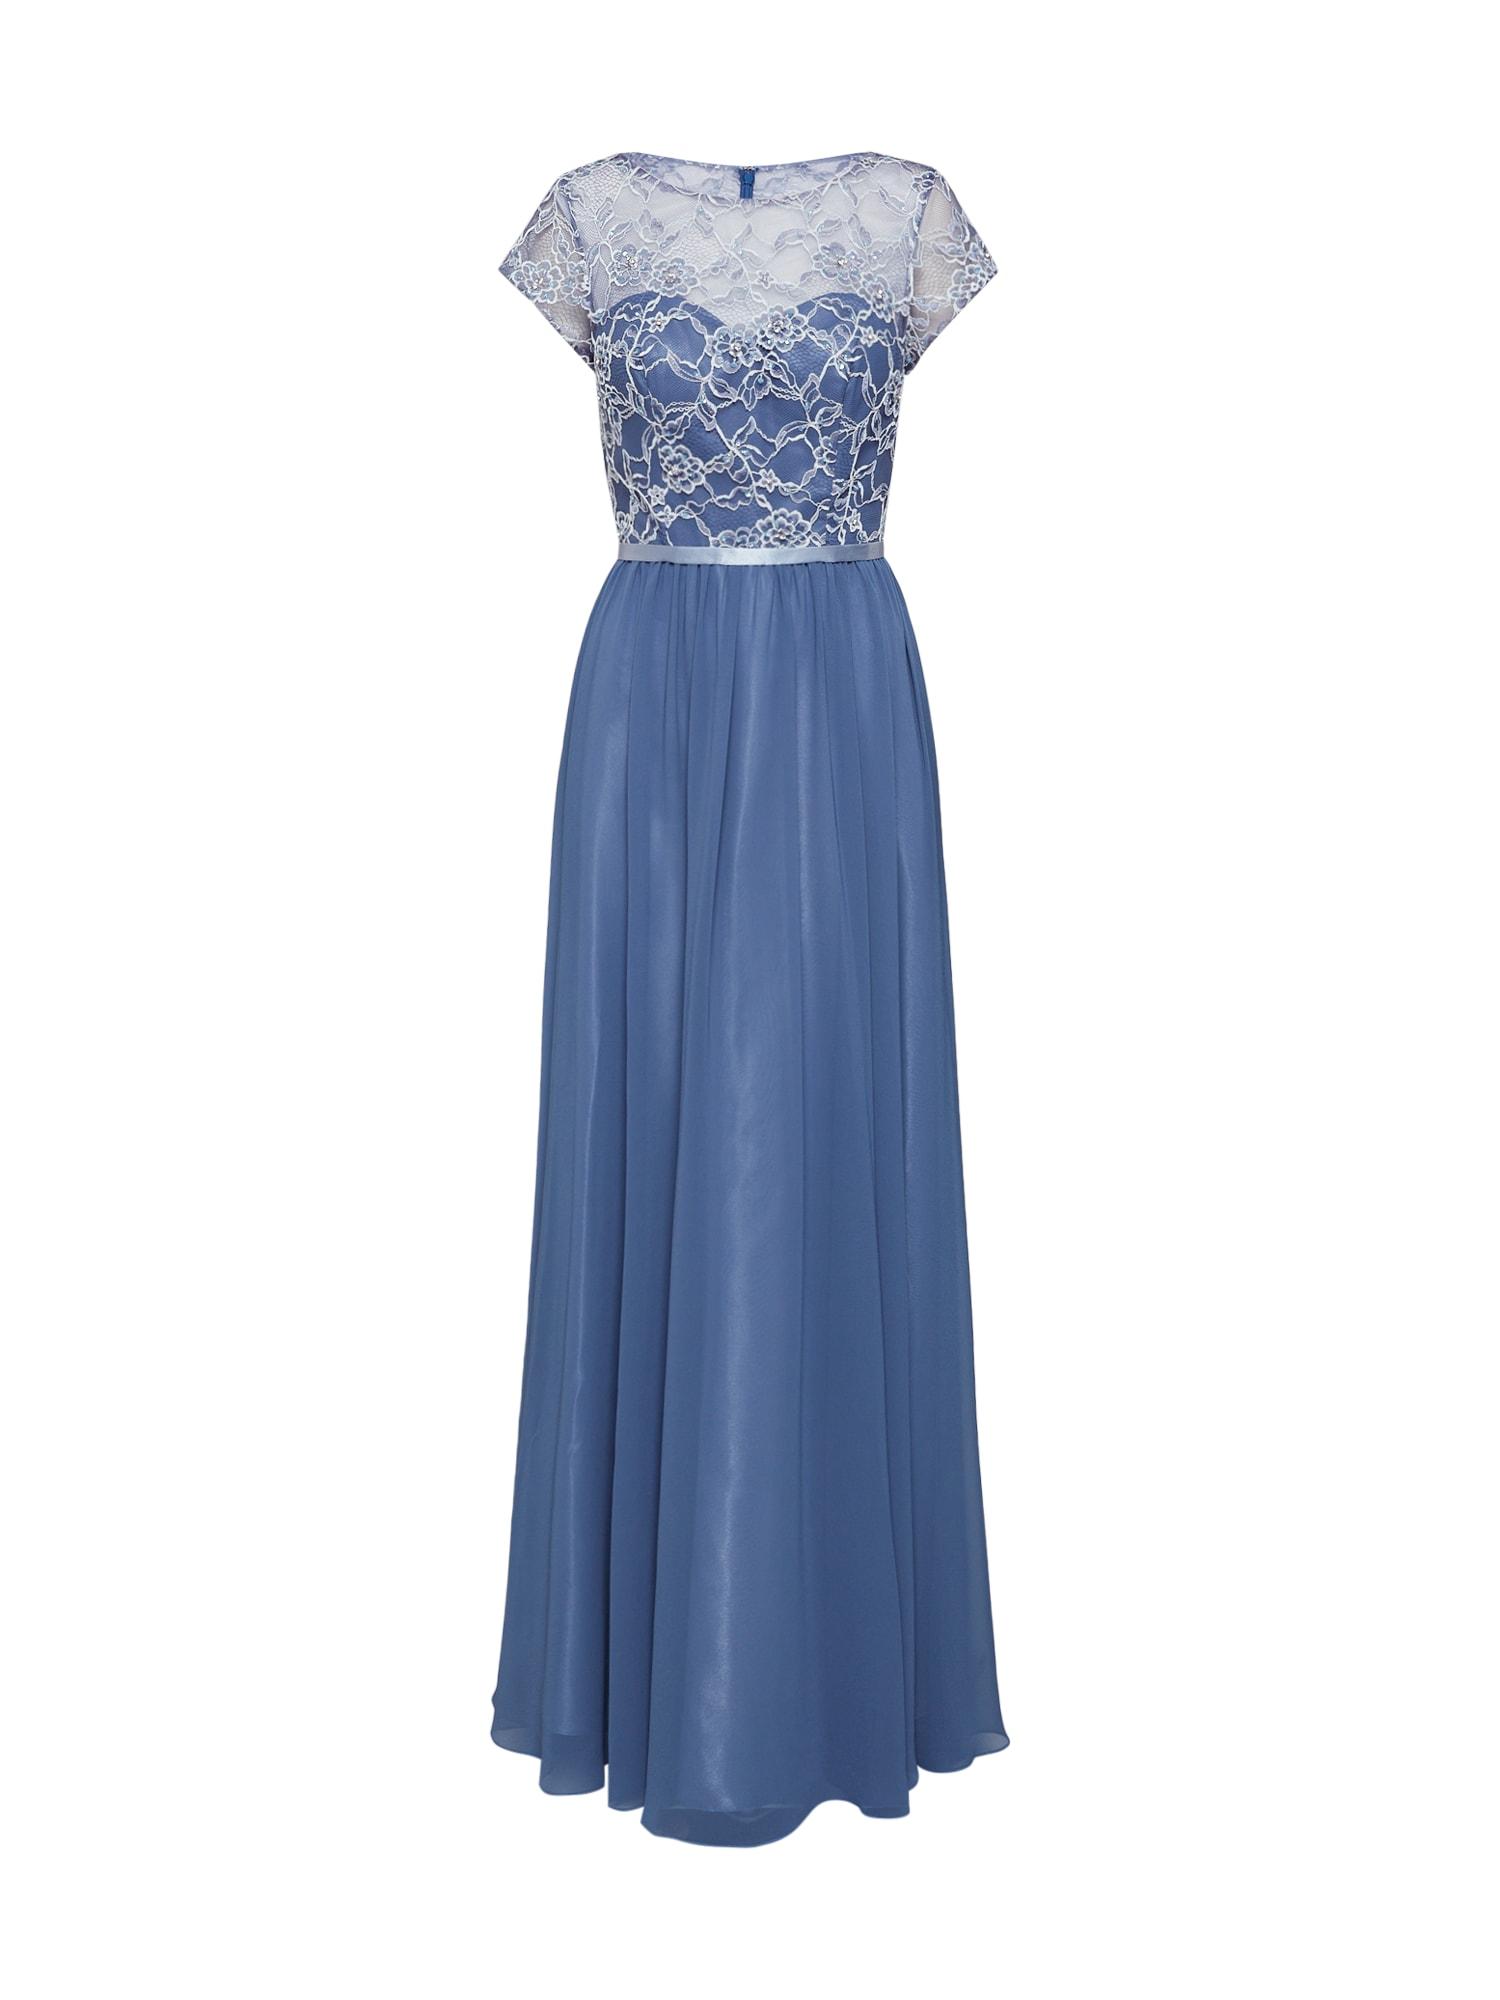 MAGIC NIGHTS Vakarinė suknelė mėlyna dūmų spalva